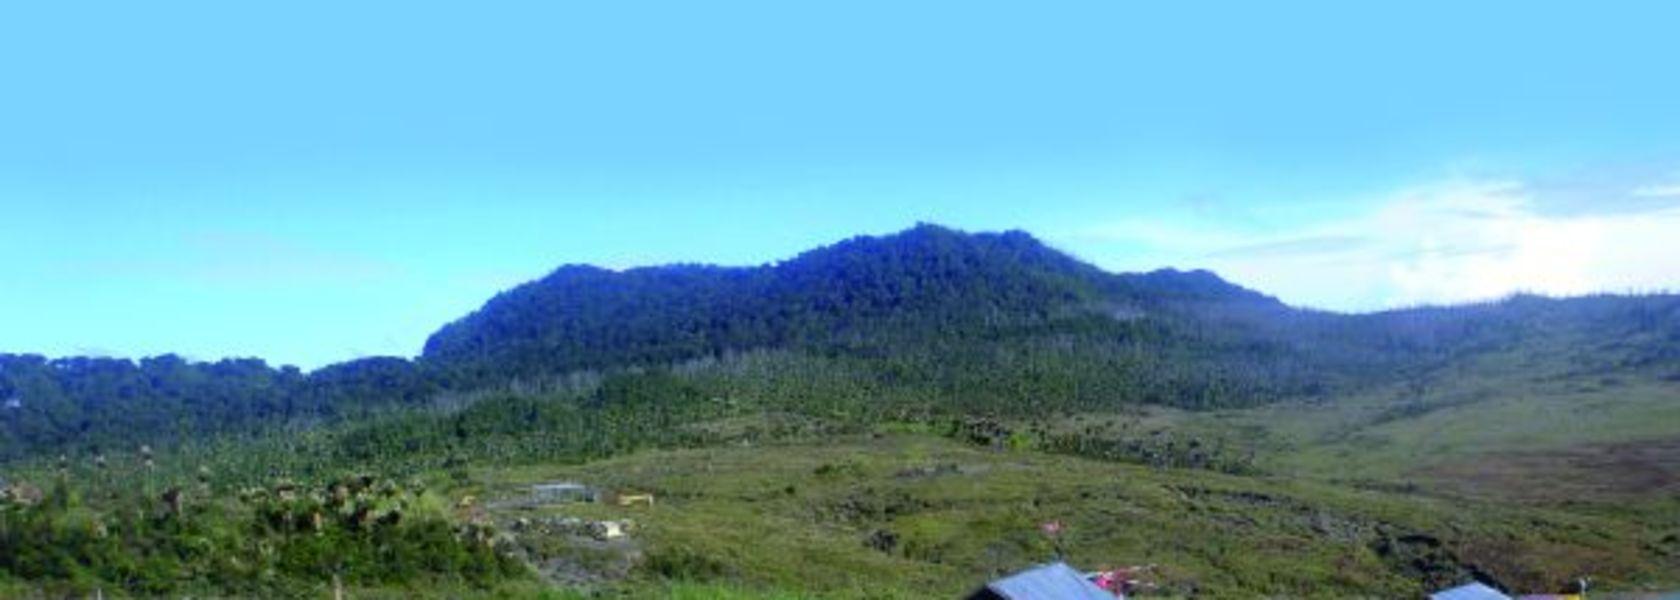 Honouring Mt Kare.